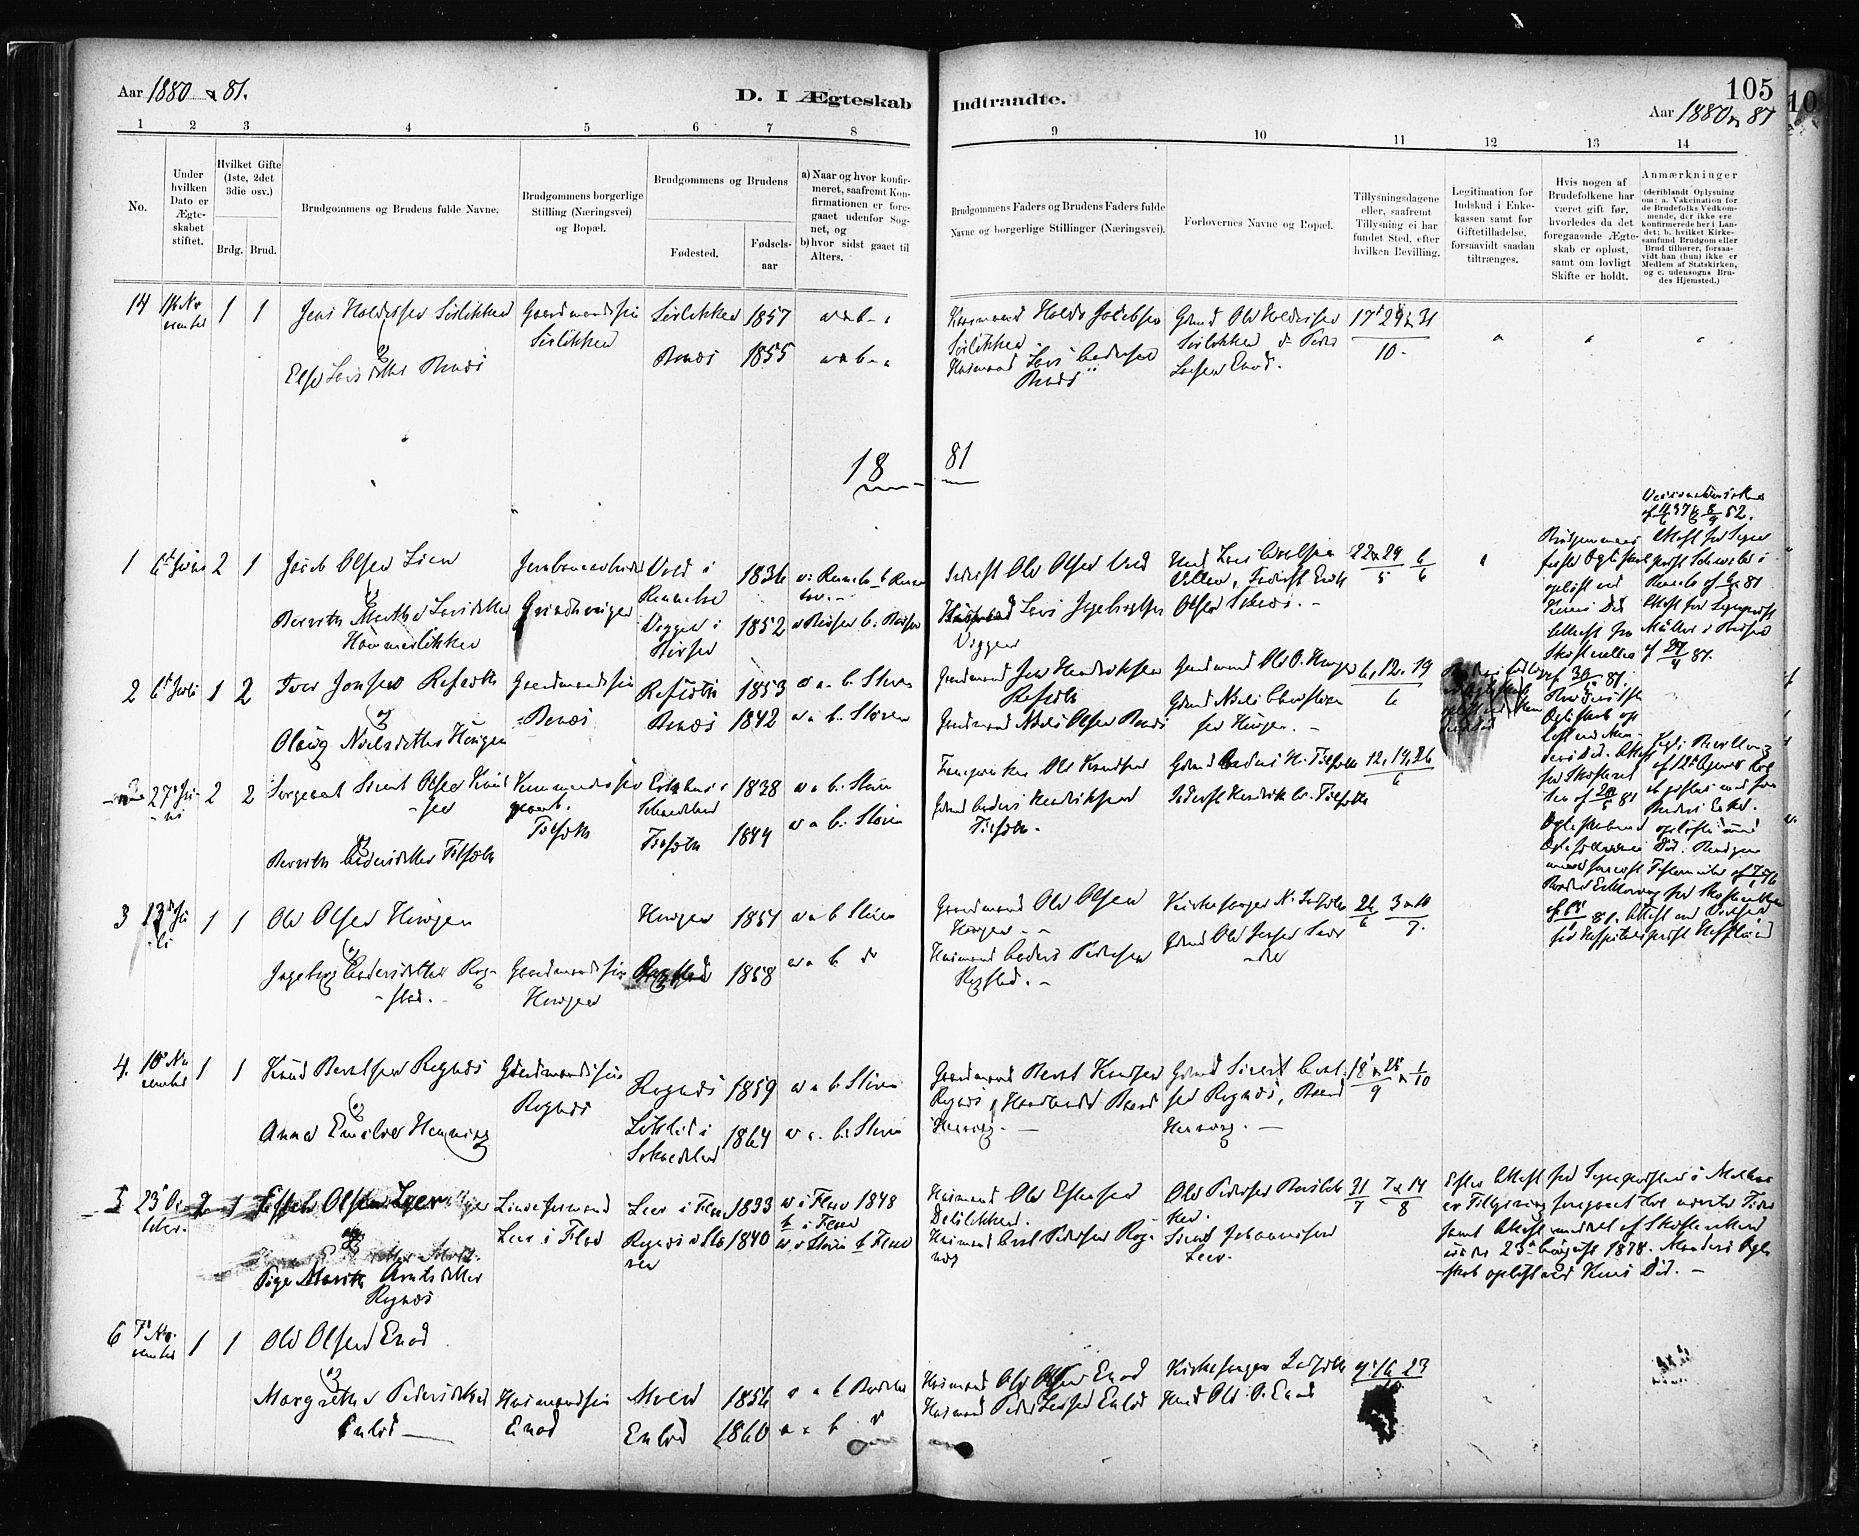 SAT, Ministerialprotokoller, klokkerbøker og fødselsregistre - Sør-Trøndelag, 687/L1002: Ministerialbok nr. 687A08, 1878-1890, s. 105